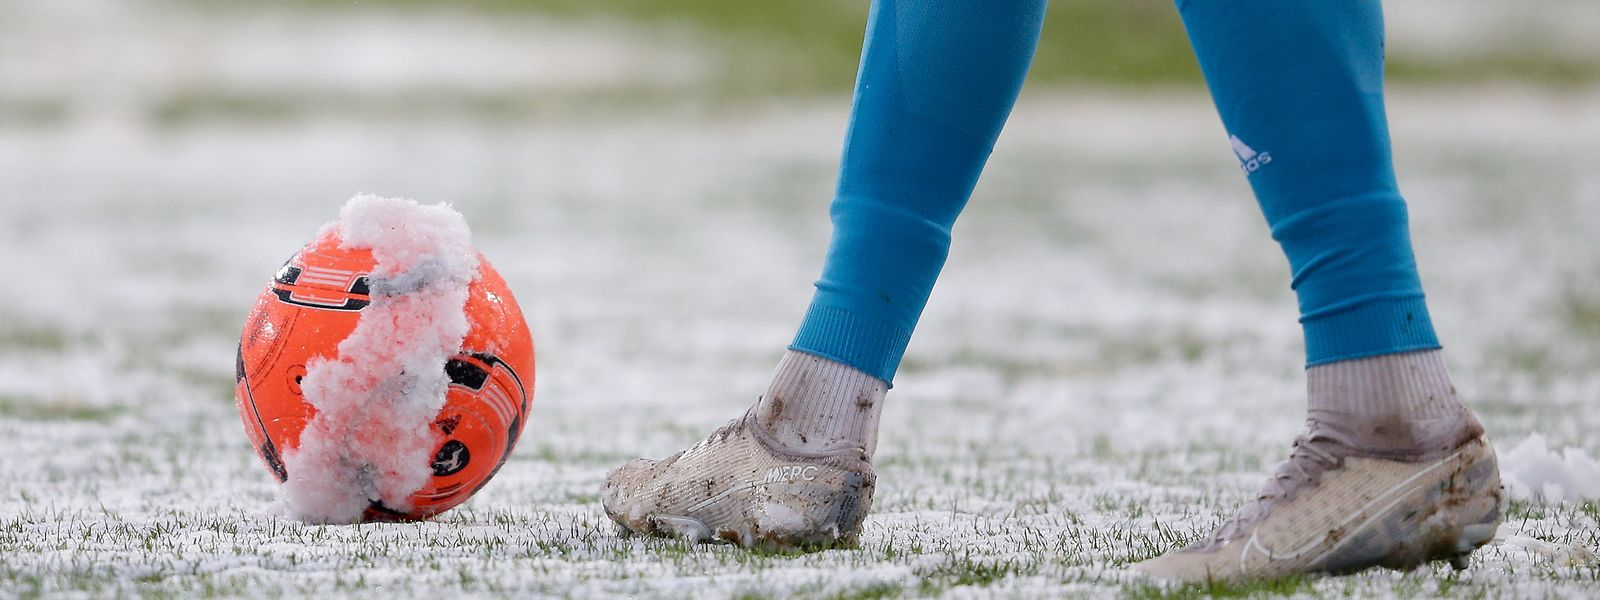 La BGL Ligue et la PH s'allongent de quatre journées en 2020-2021 par rapport aux saisons précédentes